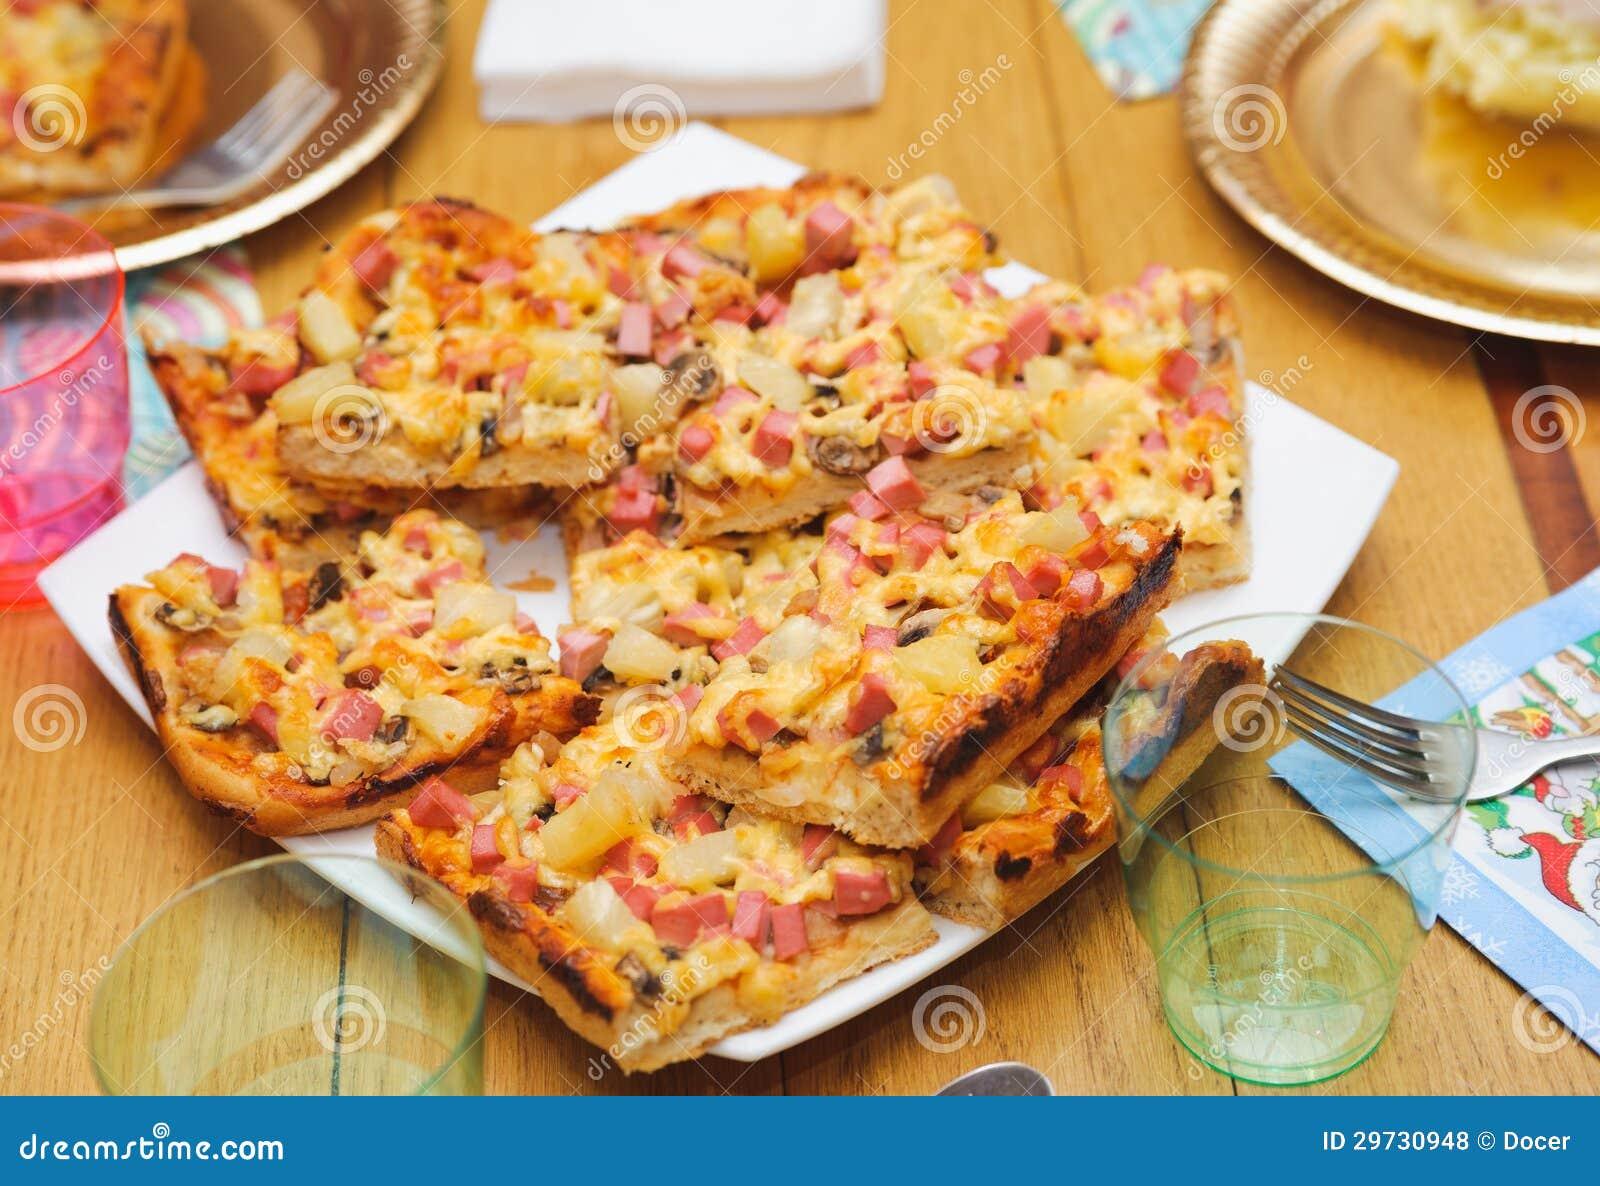 Wiele mali kawałki handmade pizza. odżywki jedzenie